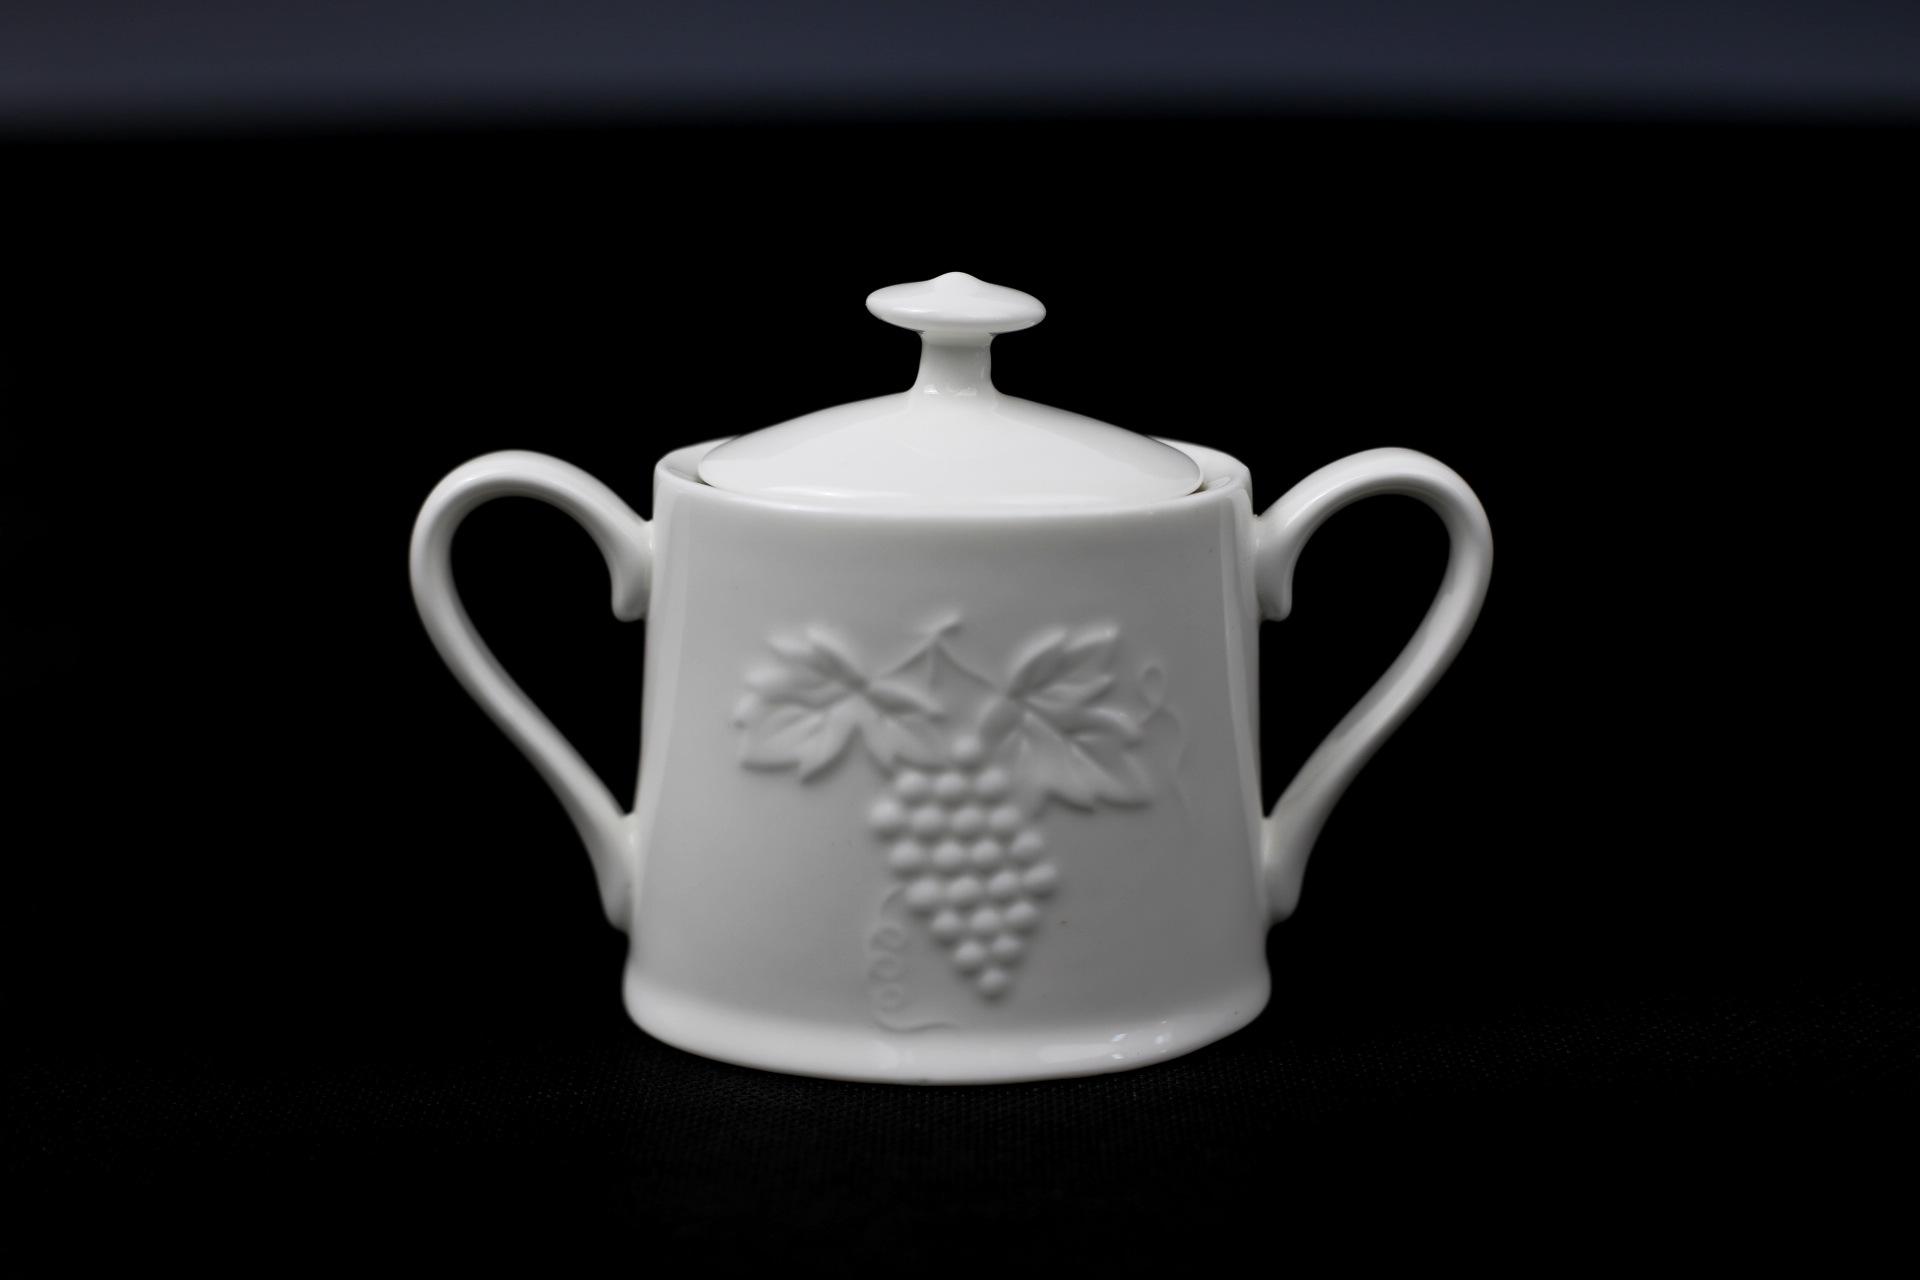 唐山昌达骨瓷 酒店瓷 糖缸 浮雕葡萄糖缸